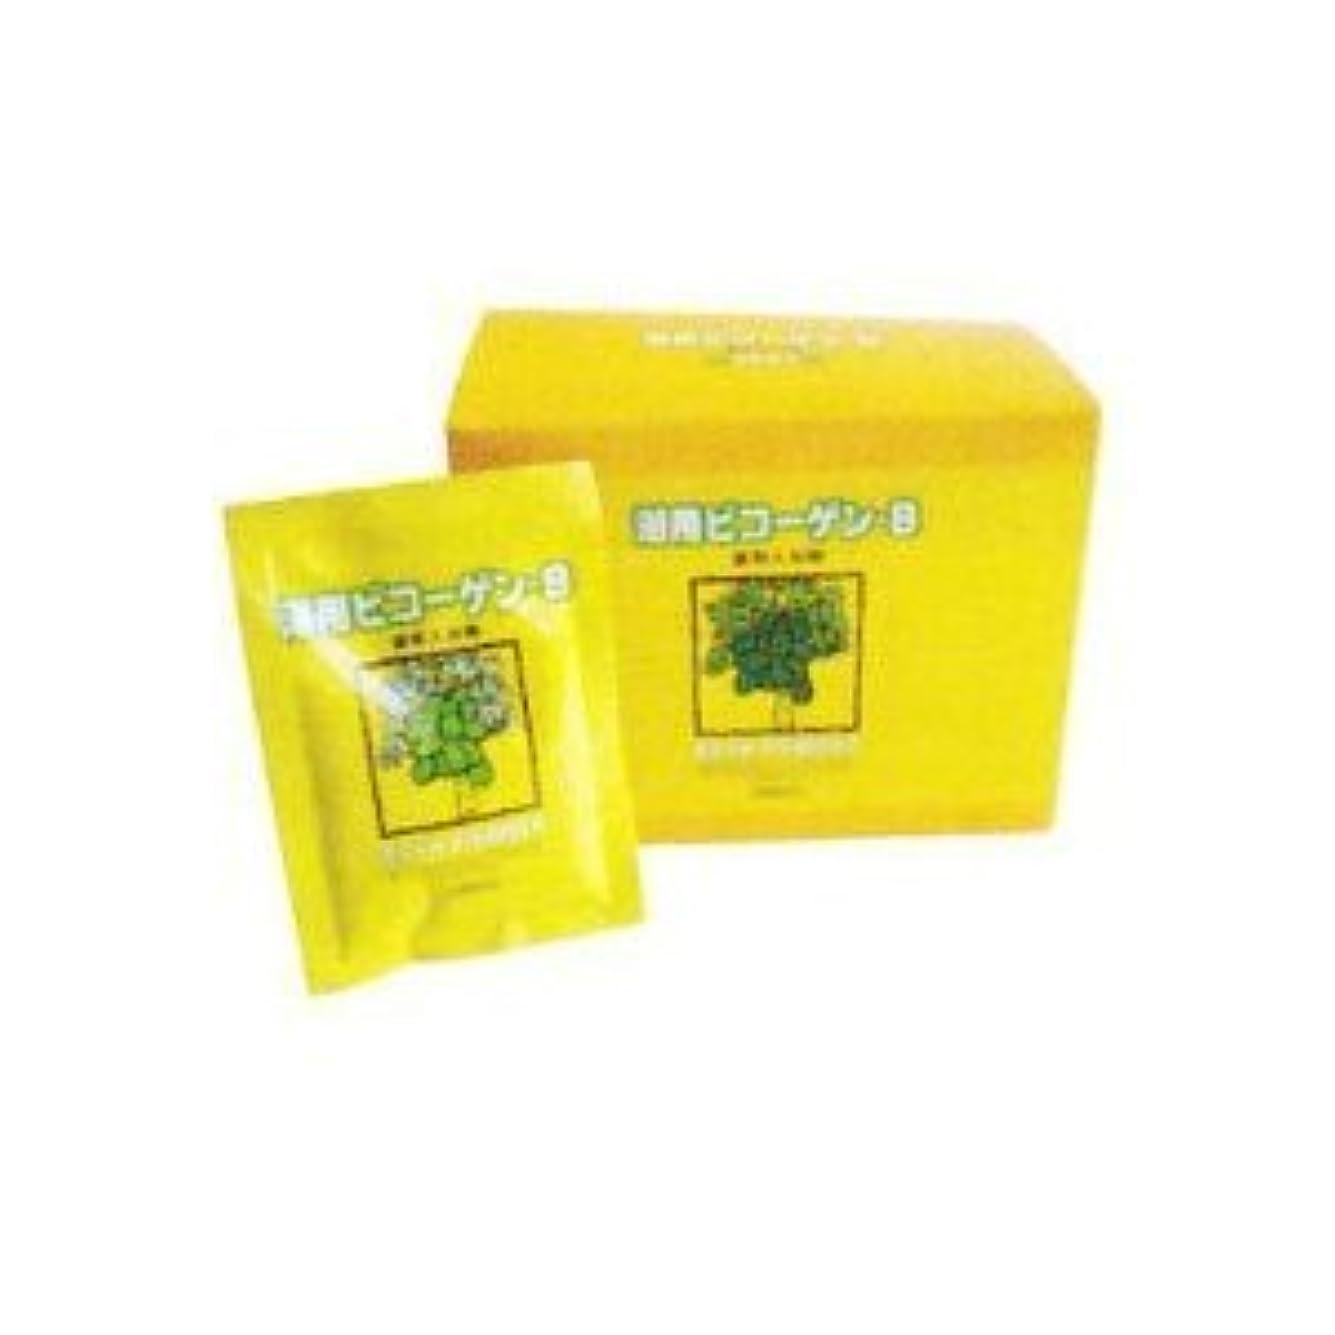 ペナルティ汚染されたマーチャンダイザーリアル 浴用ビコーゲン BN 20g×20包